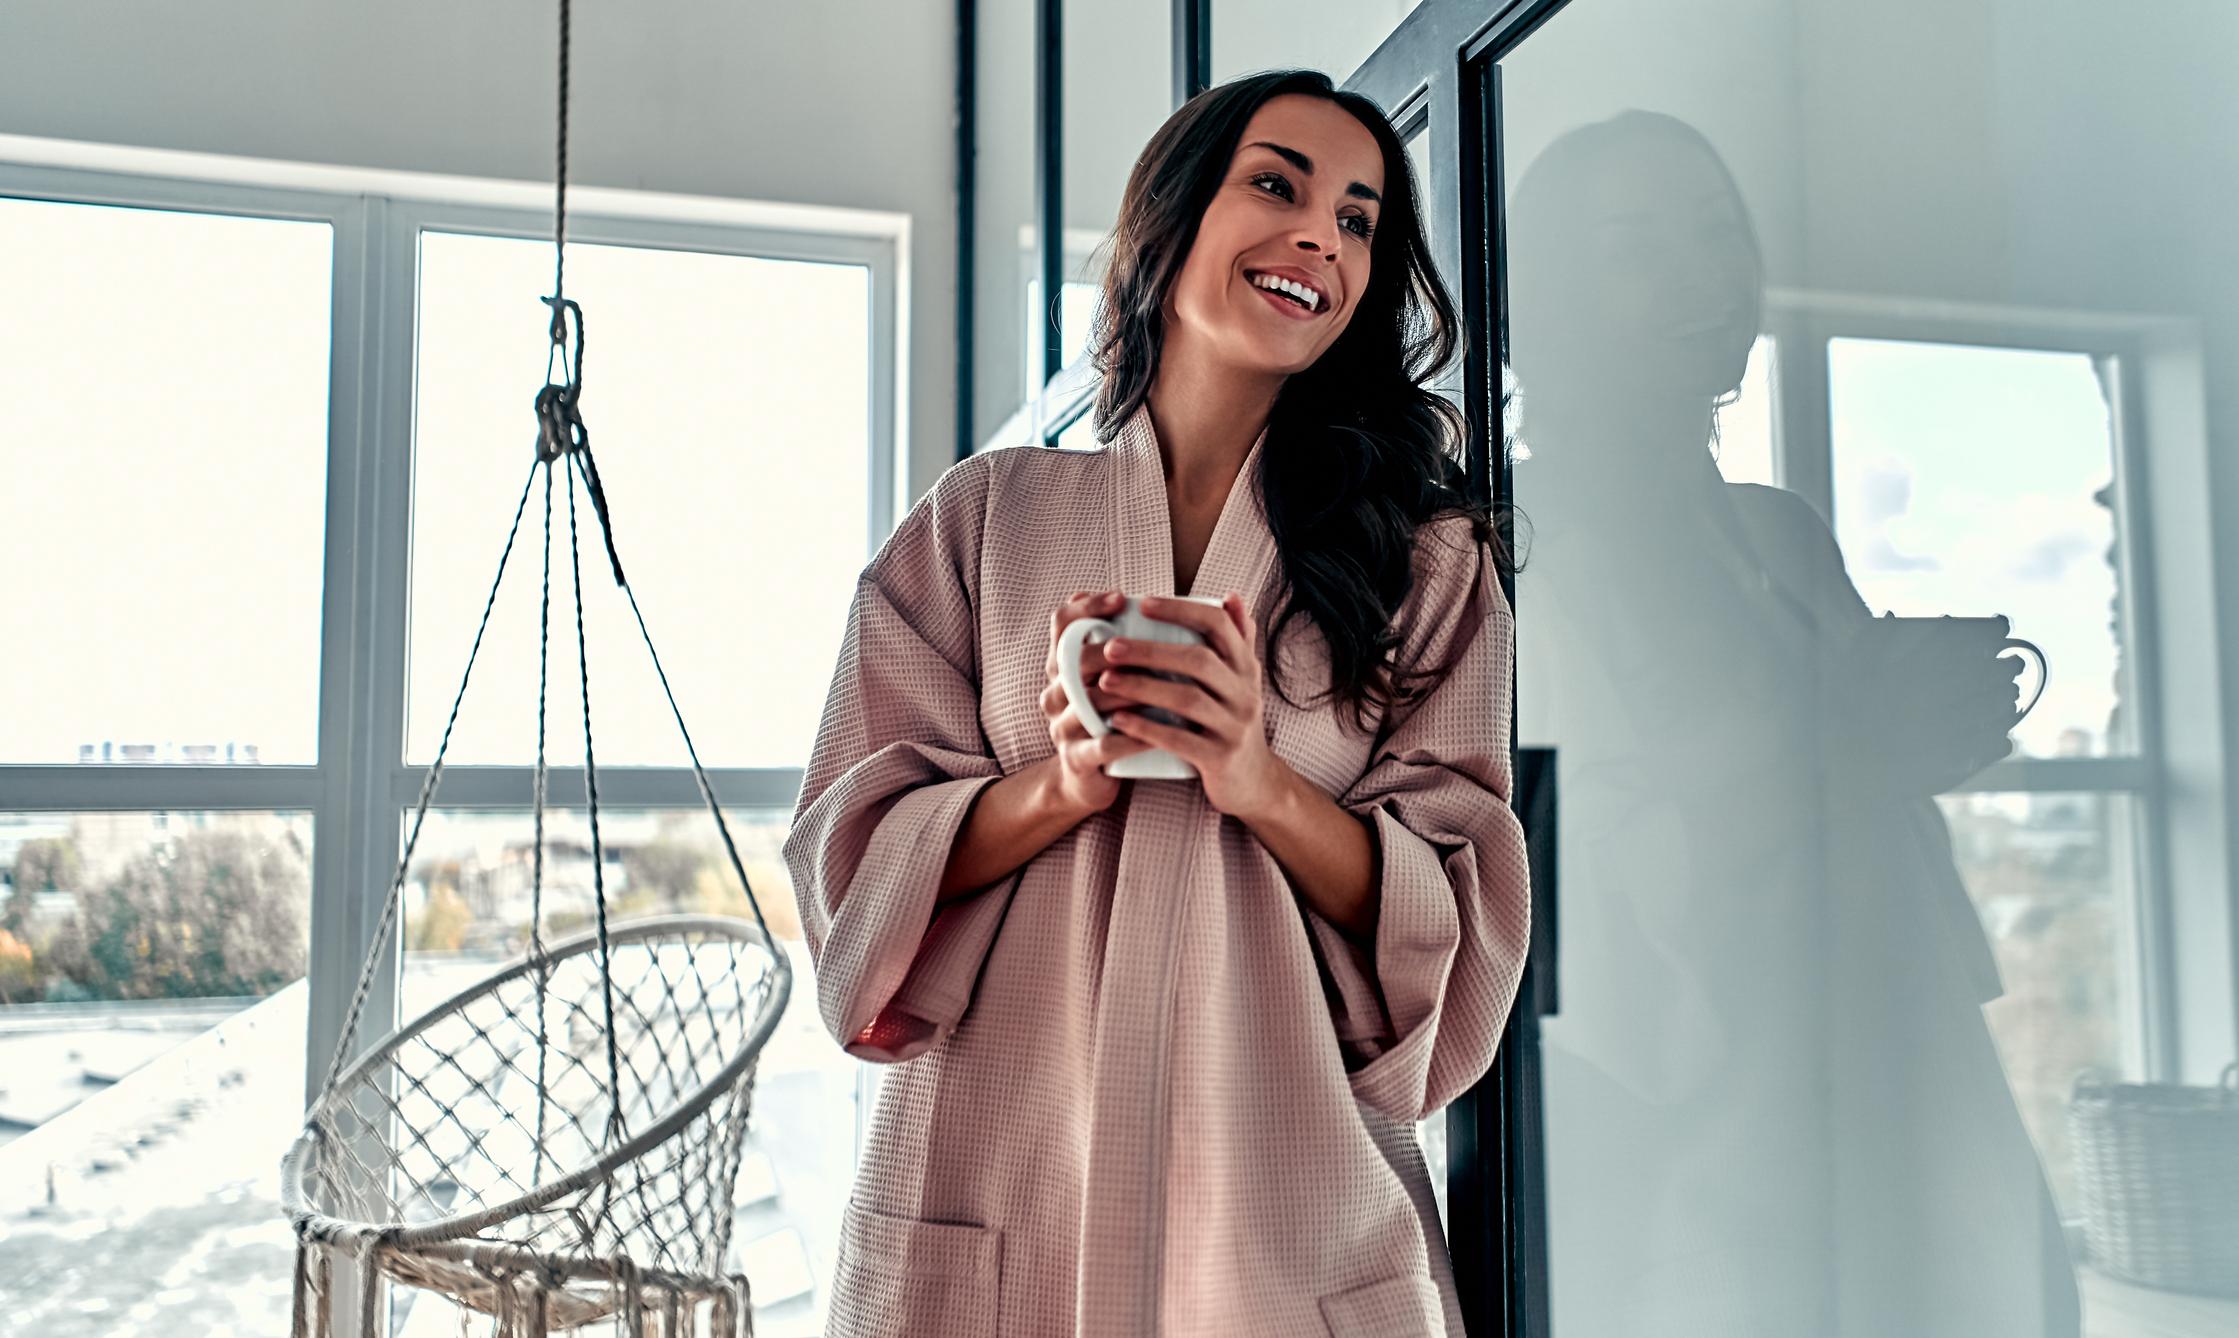 Kava može stimulirati debelo crijevo i ubrzati vaš odlazak na zahod. Kava djeluje i kao dijuretik pa pripazite da uz nju uvijek pijete vodu jer biste, u suprotnom, samo pogoršali zatvor.